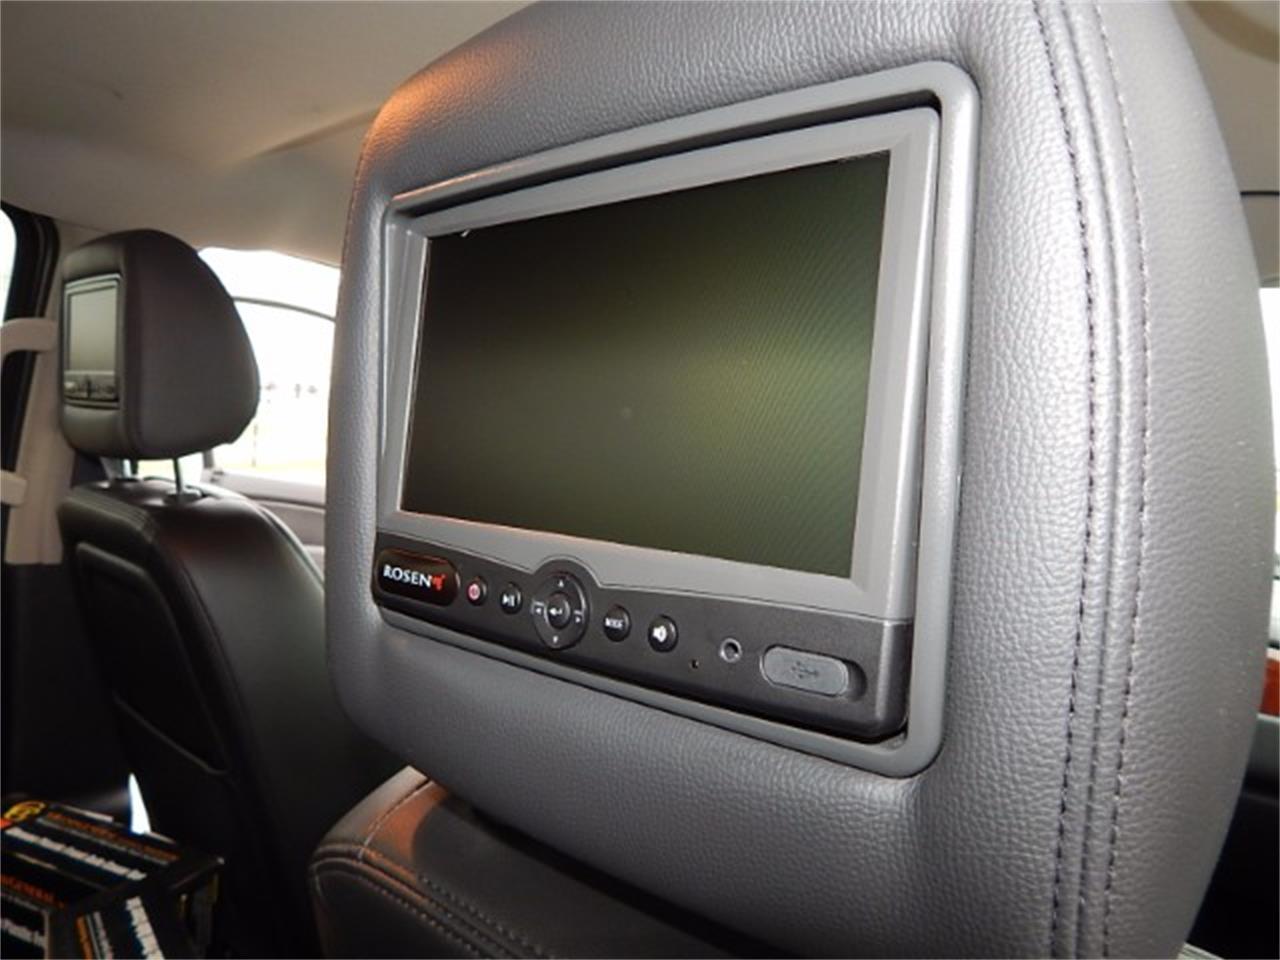 Large Picture of 2011 Chevrolet Silverado located in Wichita Falls Texas - $55,000.00 - L8L9